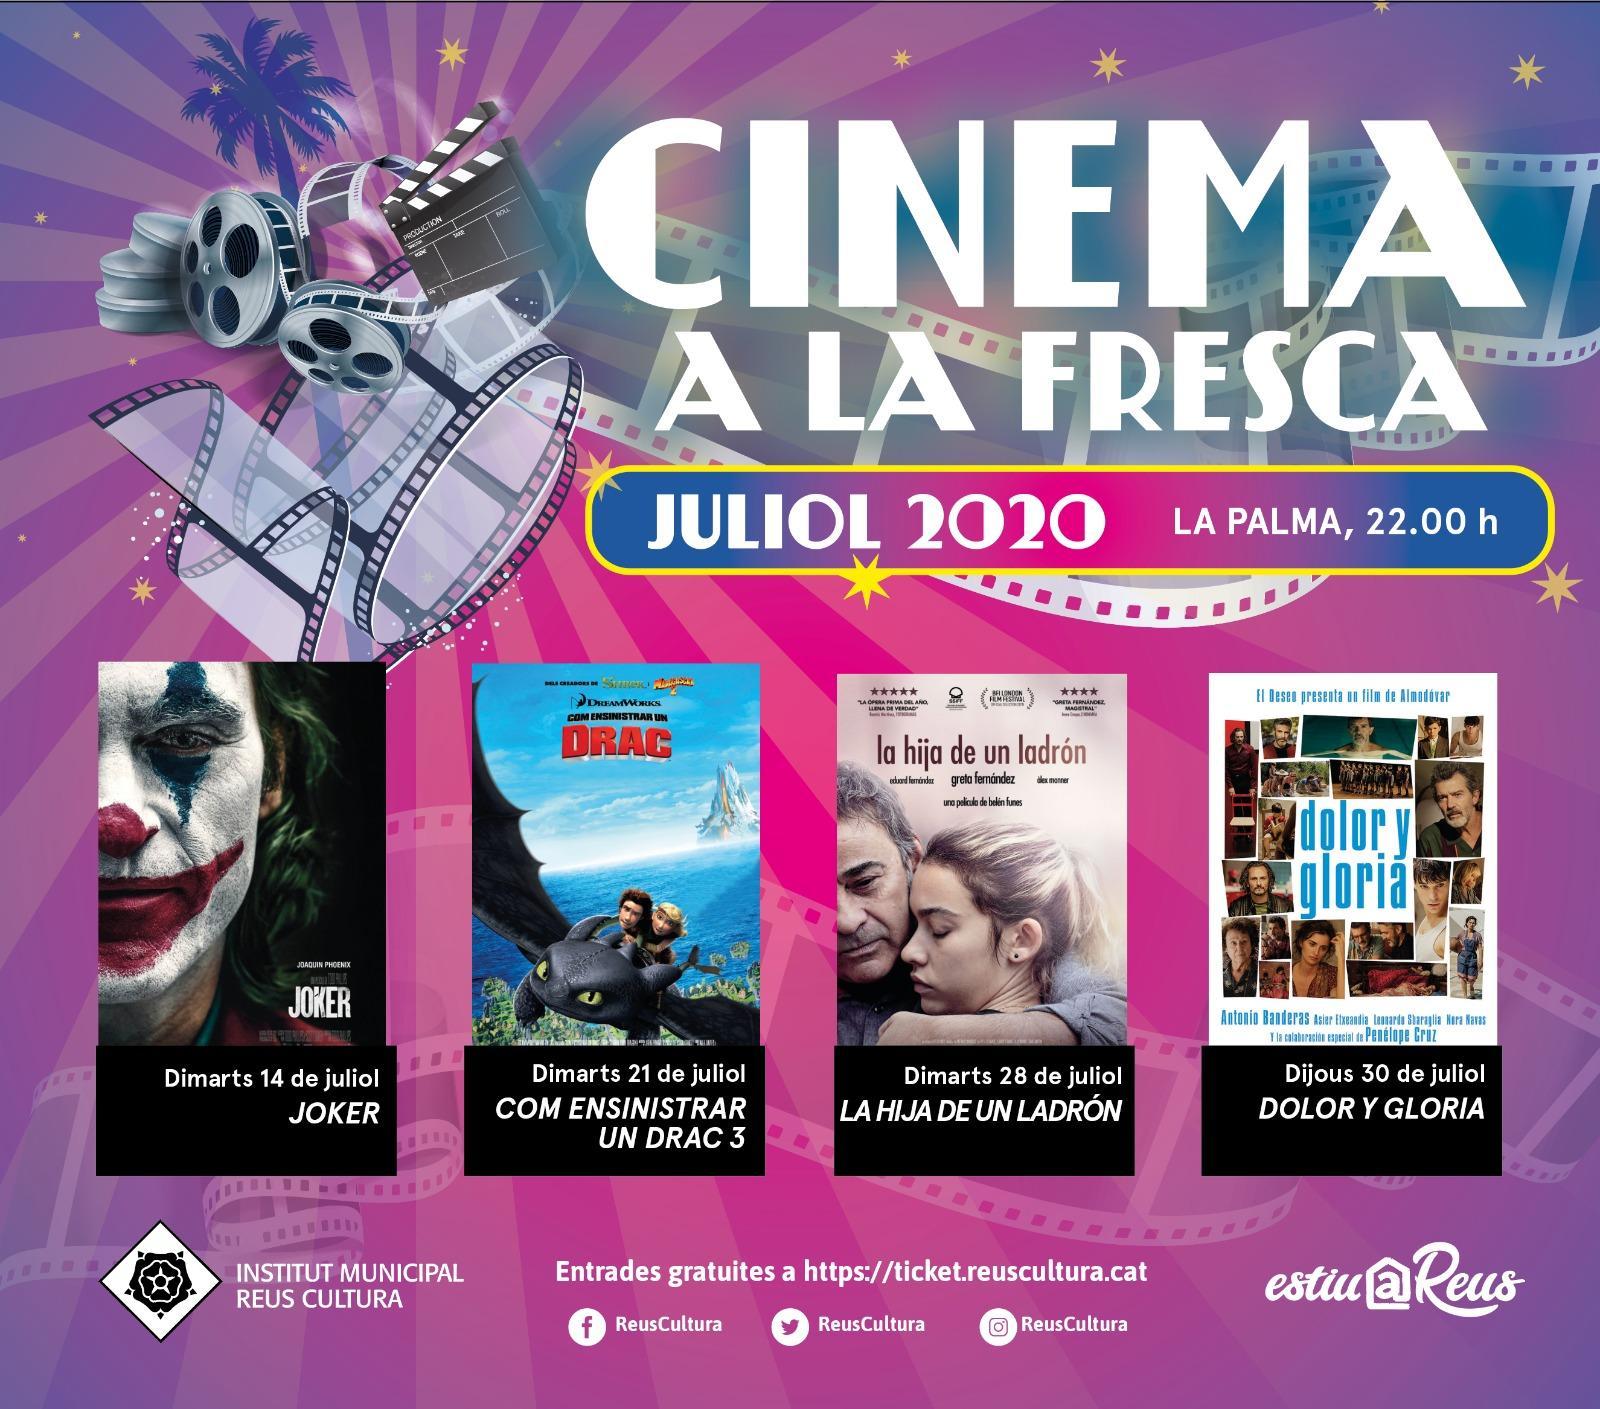 Cinema a la fresca (14, 21, 28 i 30 de juliol) - La Palma